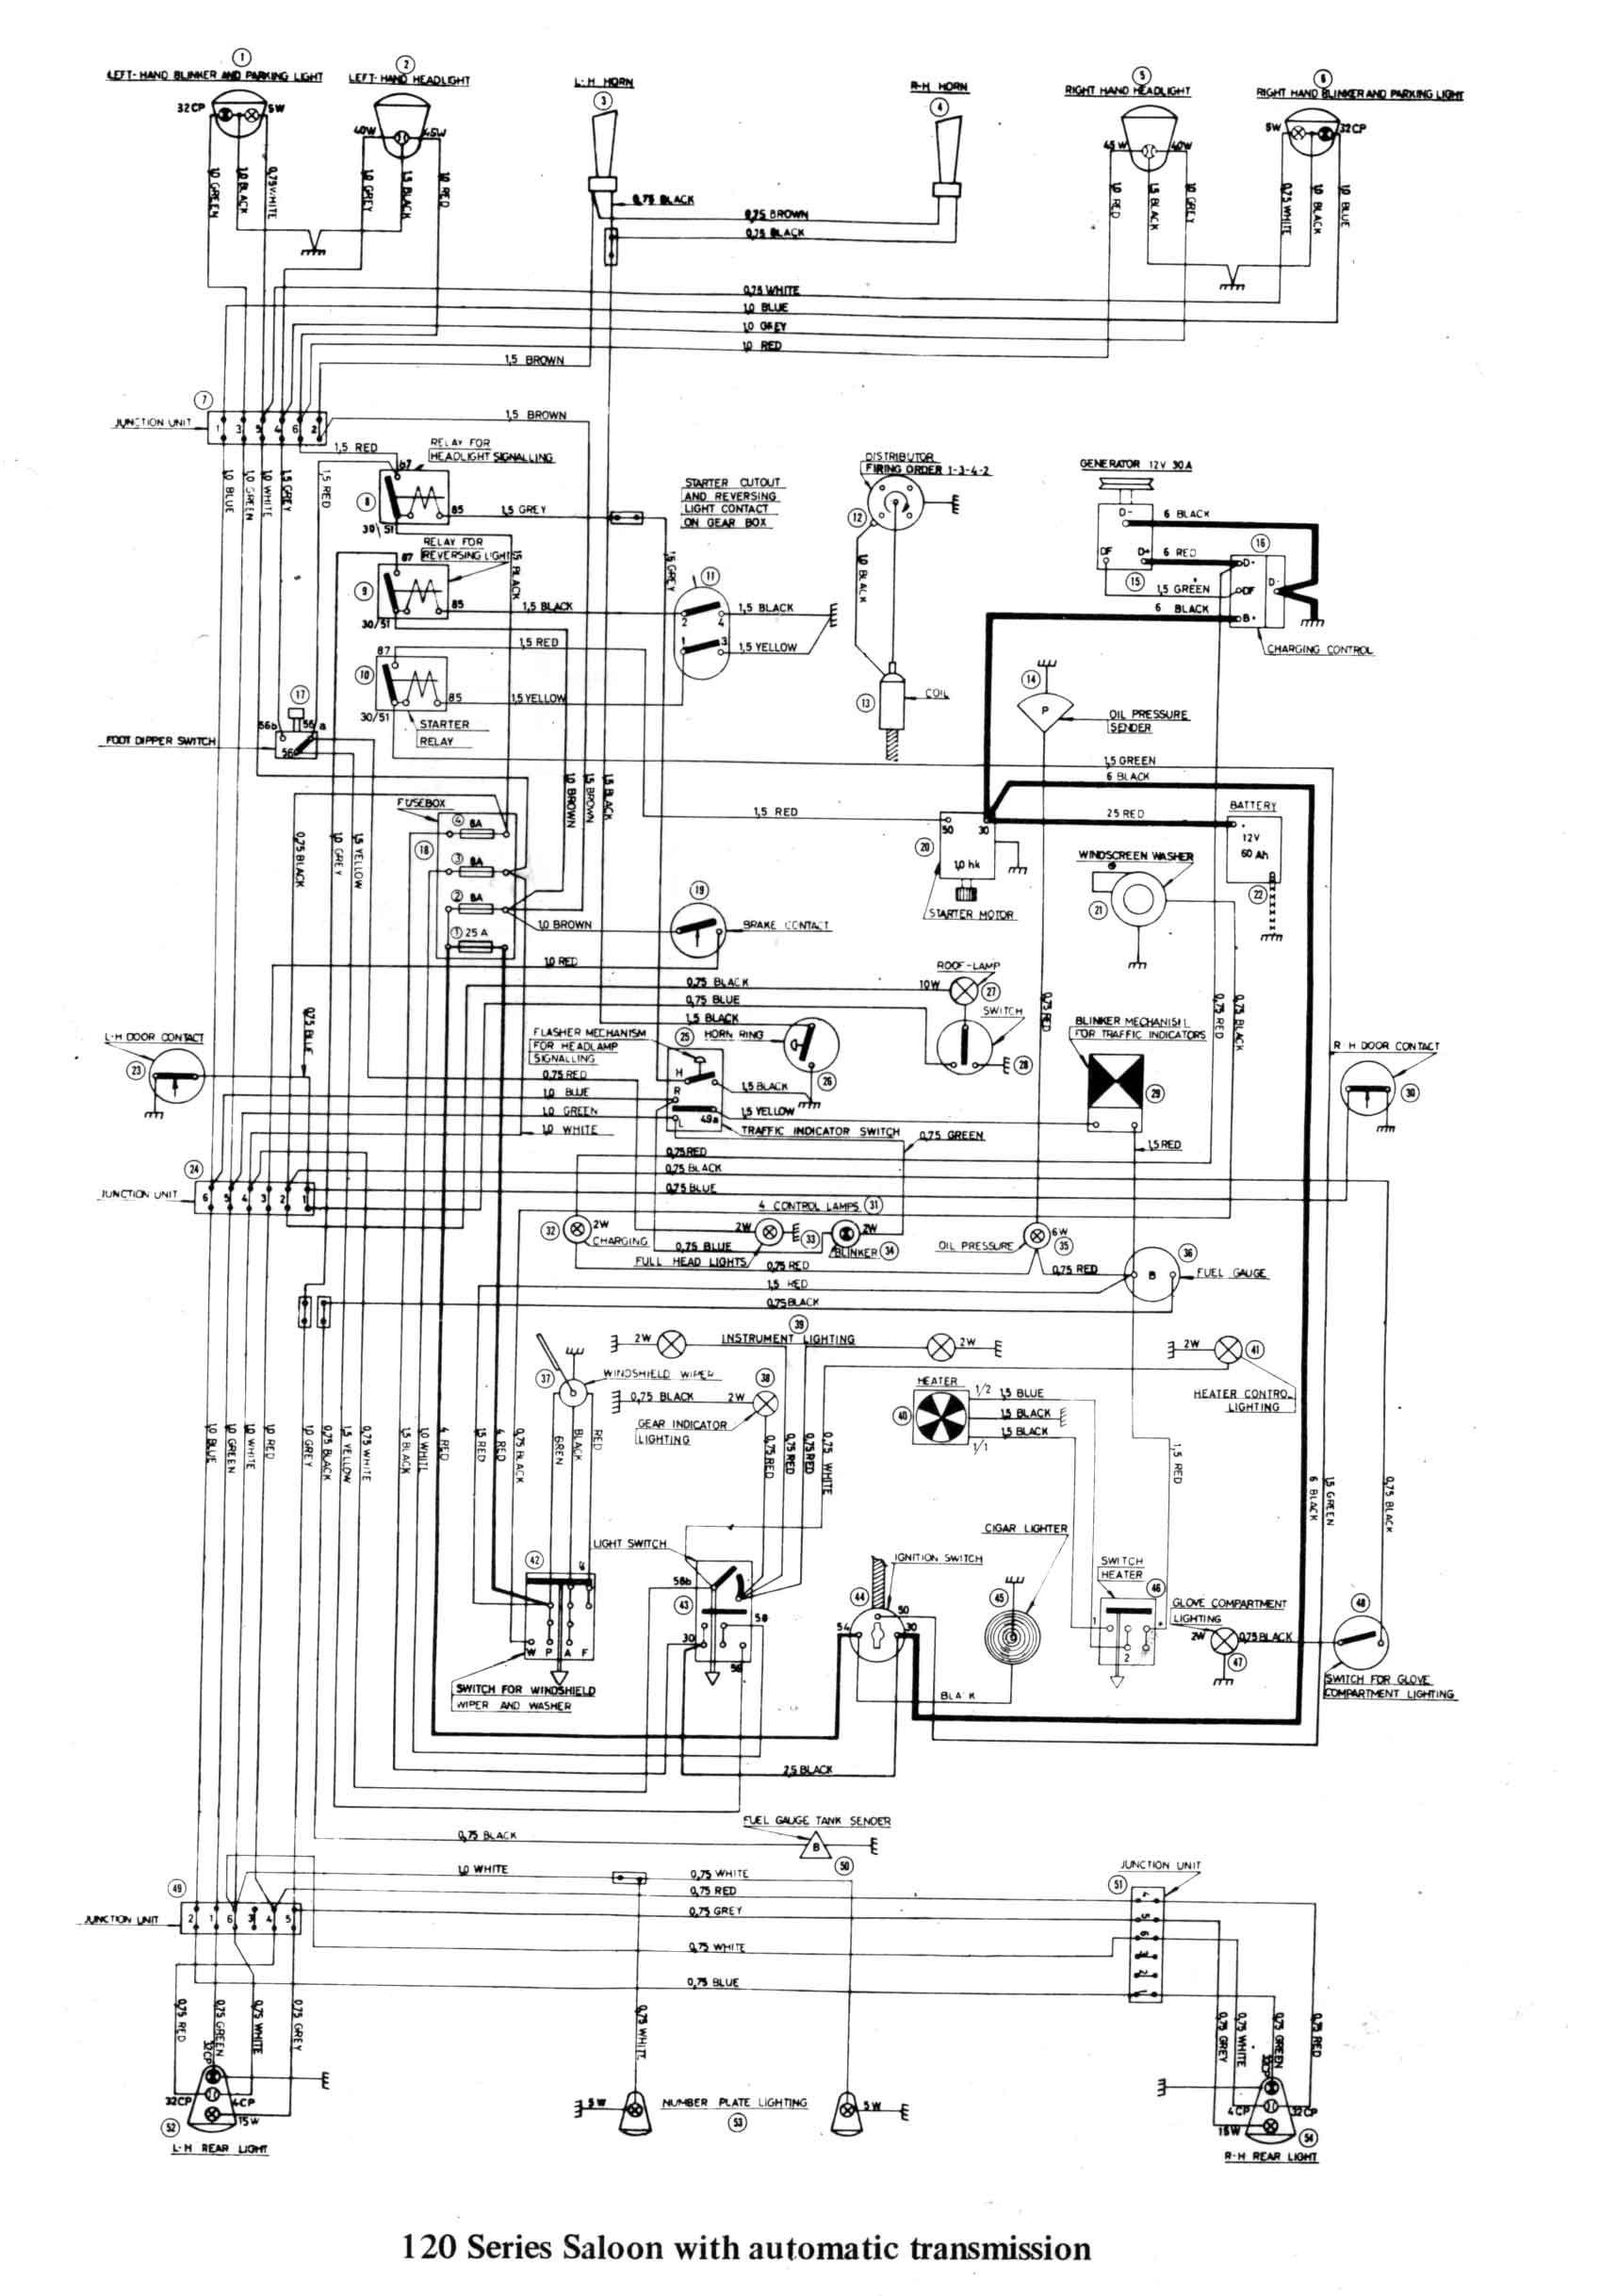 Isuzu Rodeo Engine Diagram Volvo Wiring Diagrams Wiring Diagram Of Isuzu Rodeo Engine Diagram